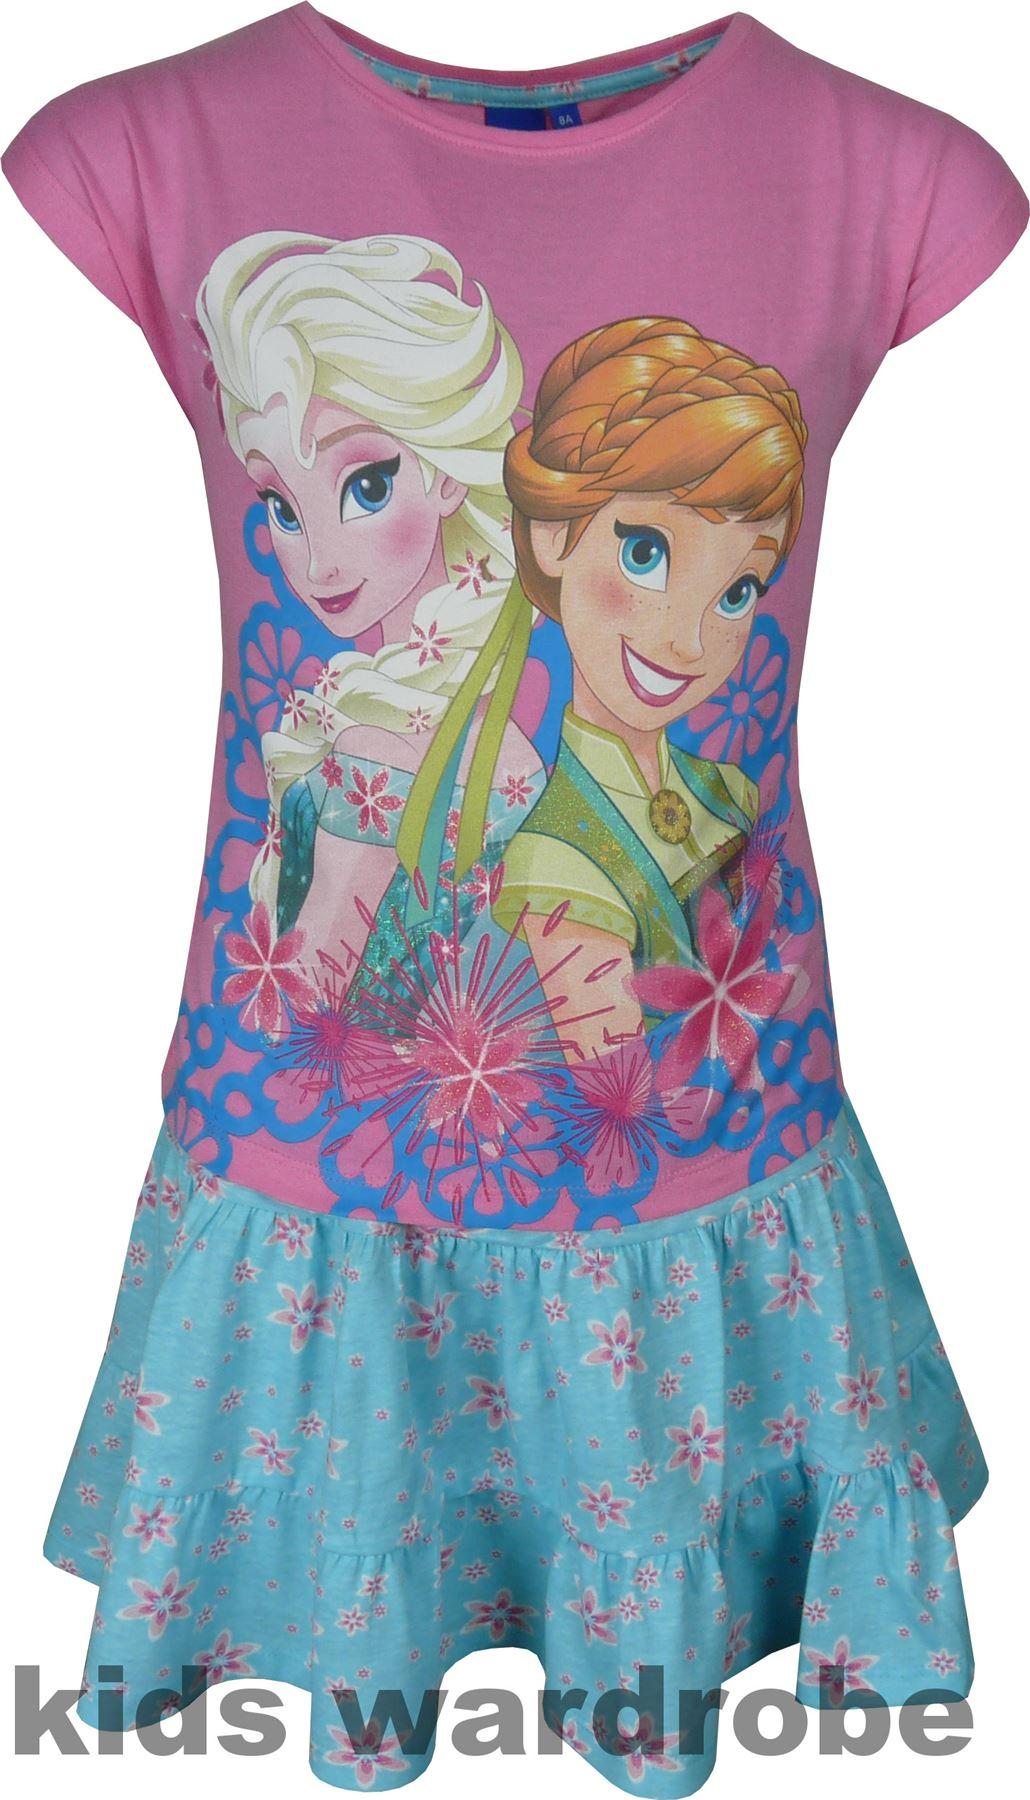 Fille-Disney-Frozen-Ensemble-manches-courtes-T-shirt-et-jupe-4-8-ans-ete-2017